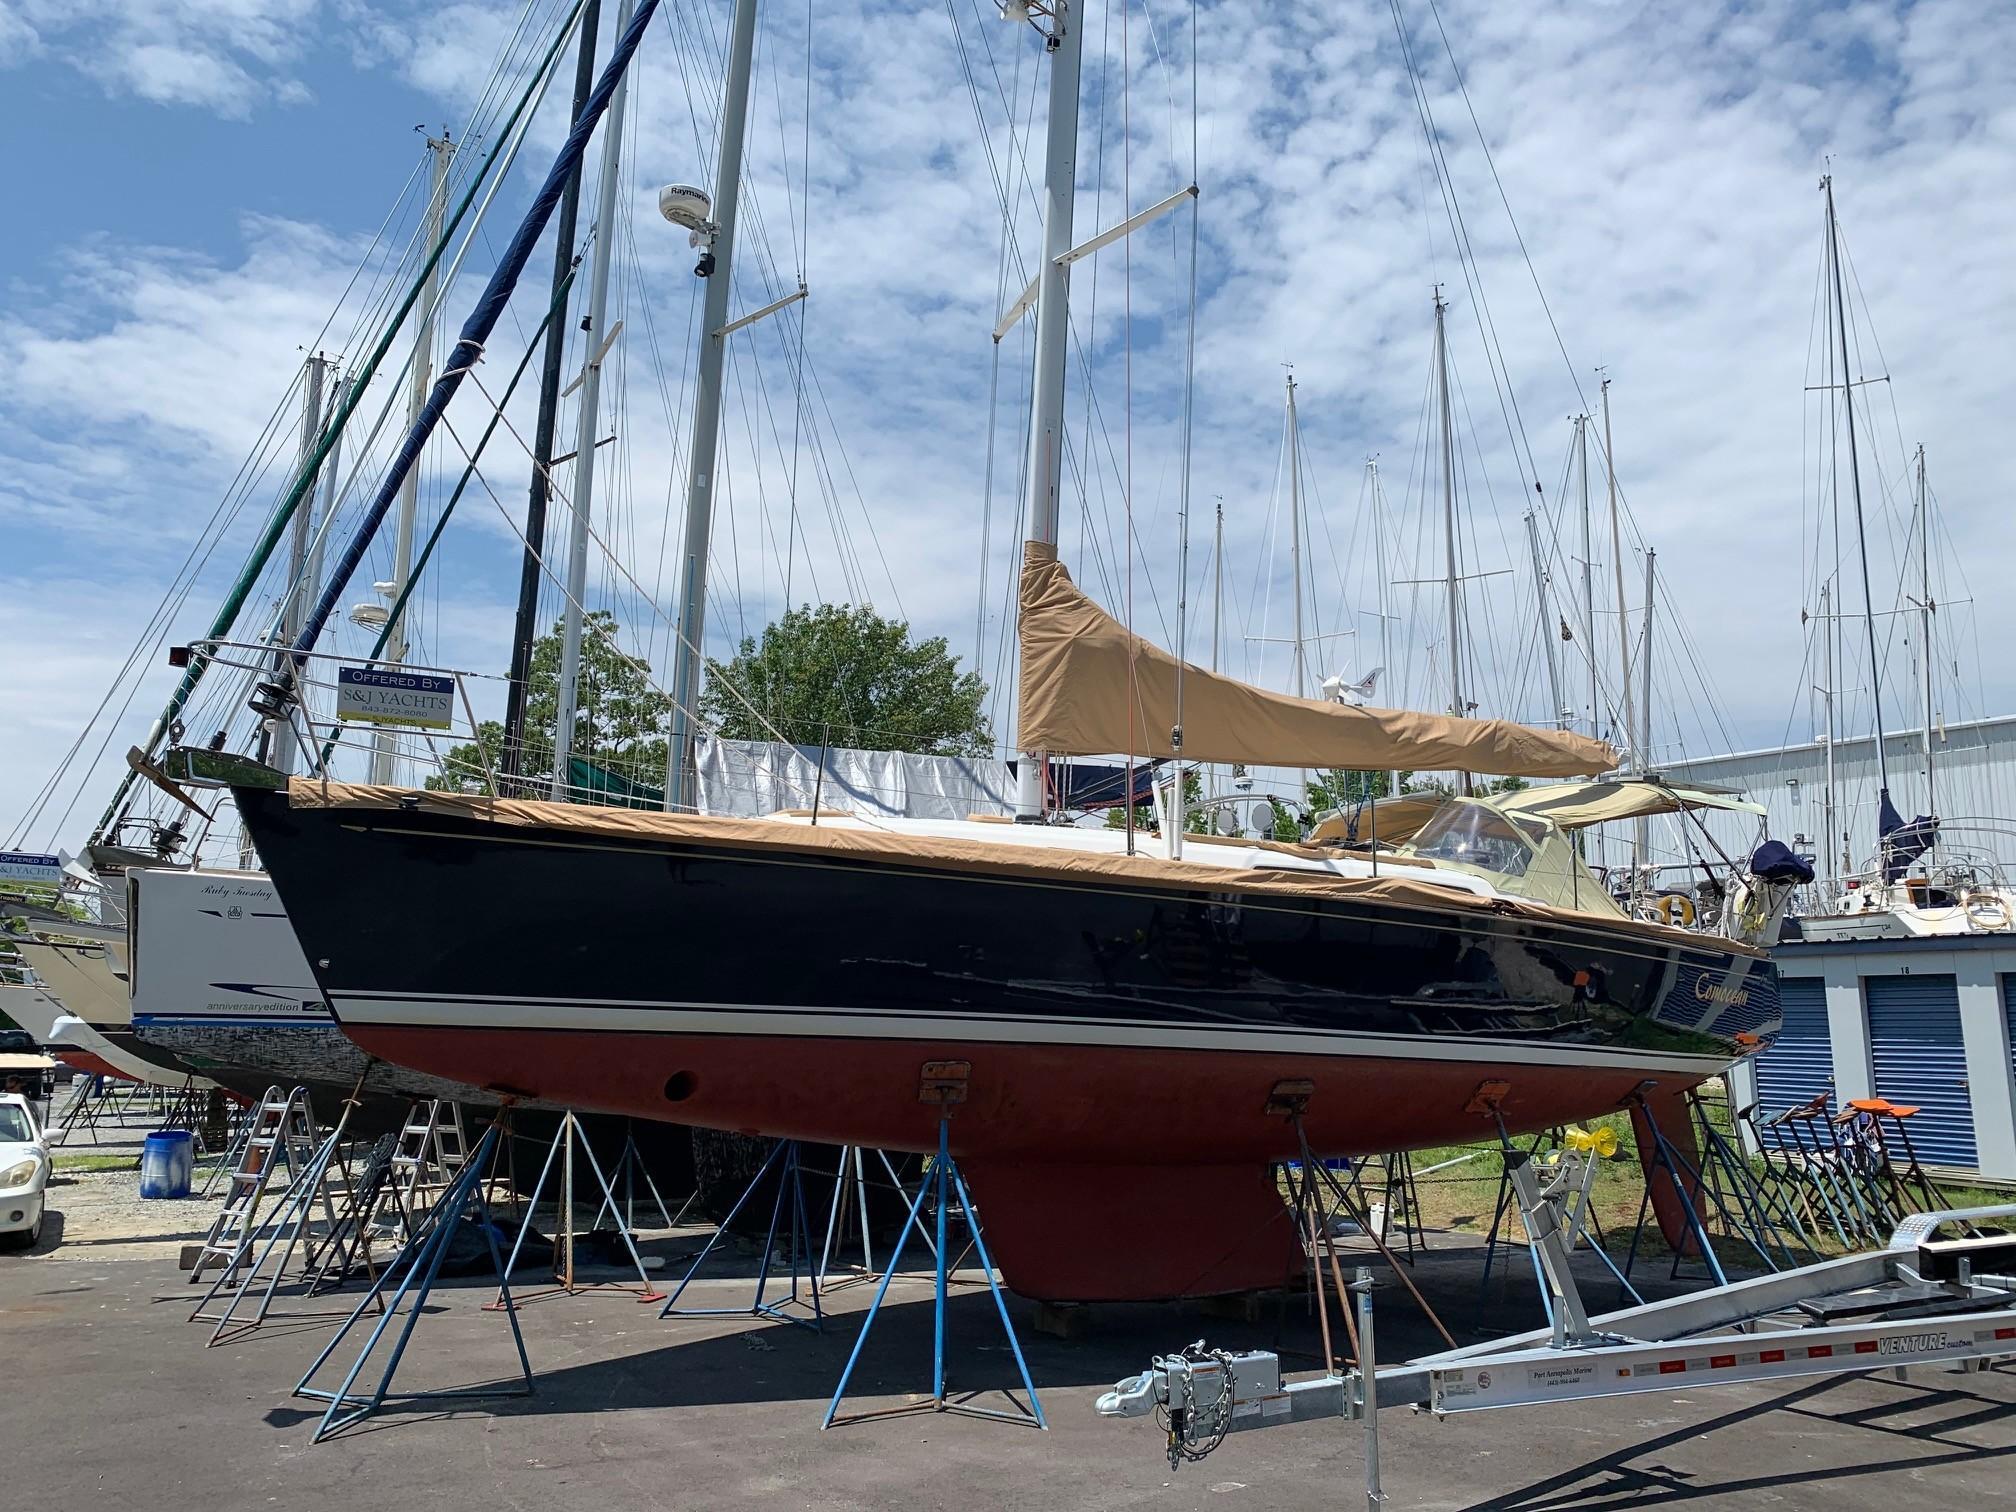 6/23/2020 at Port Annapolis Marina